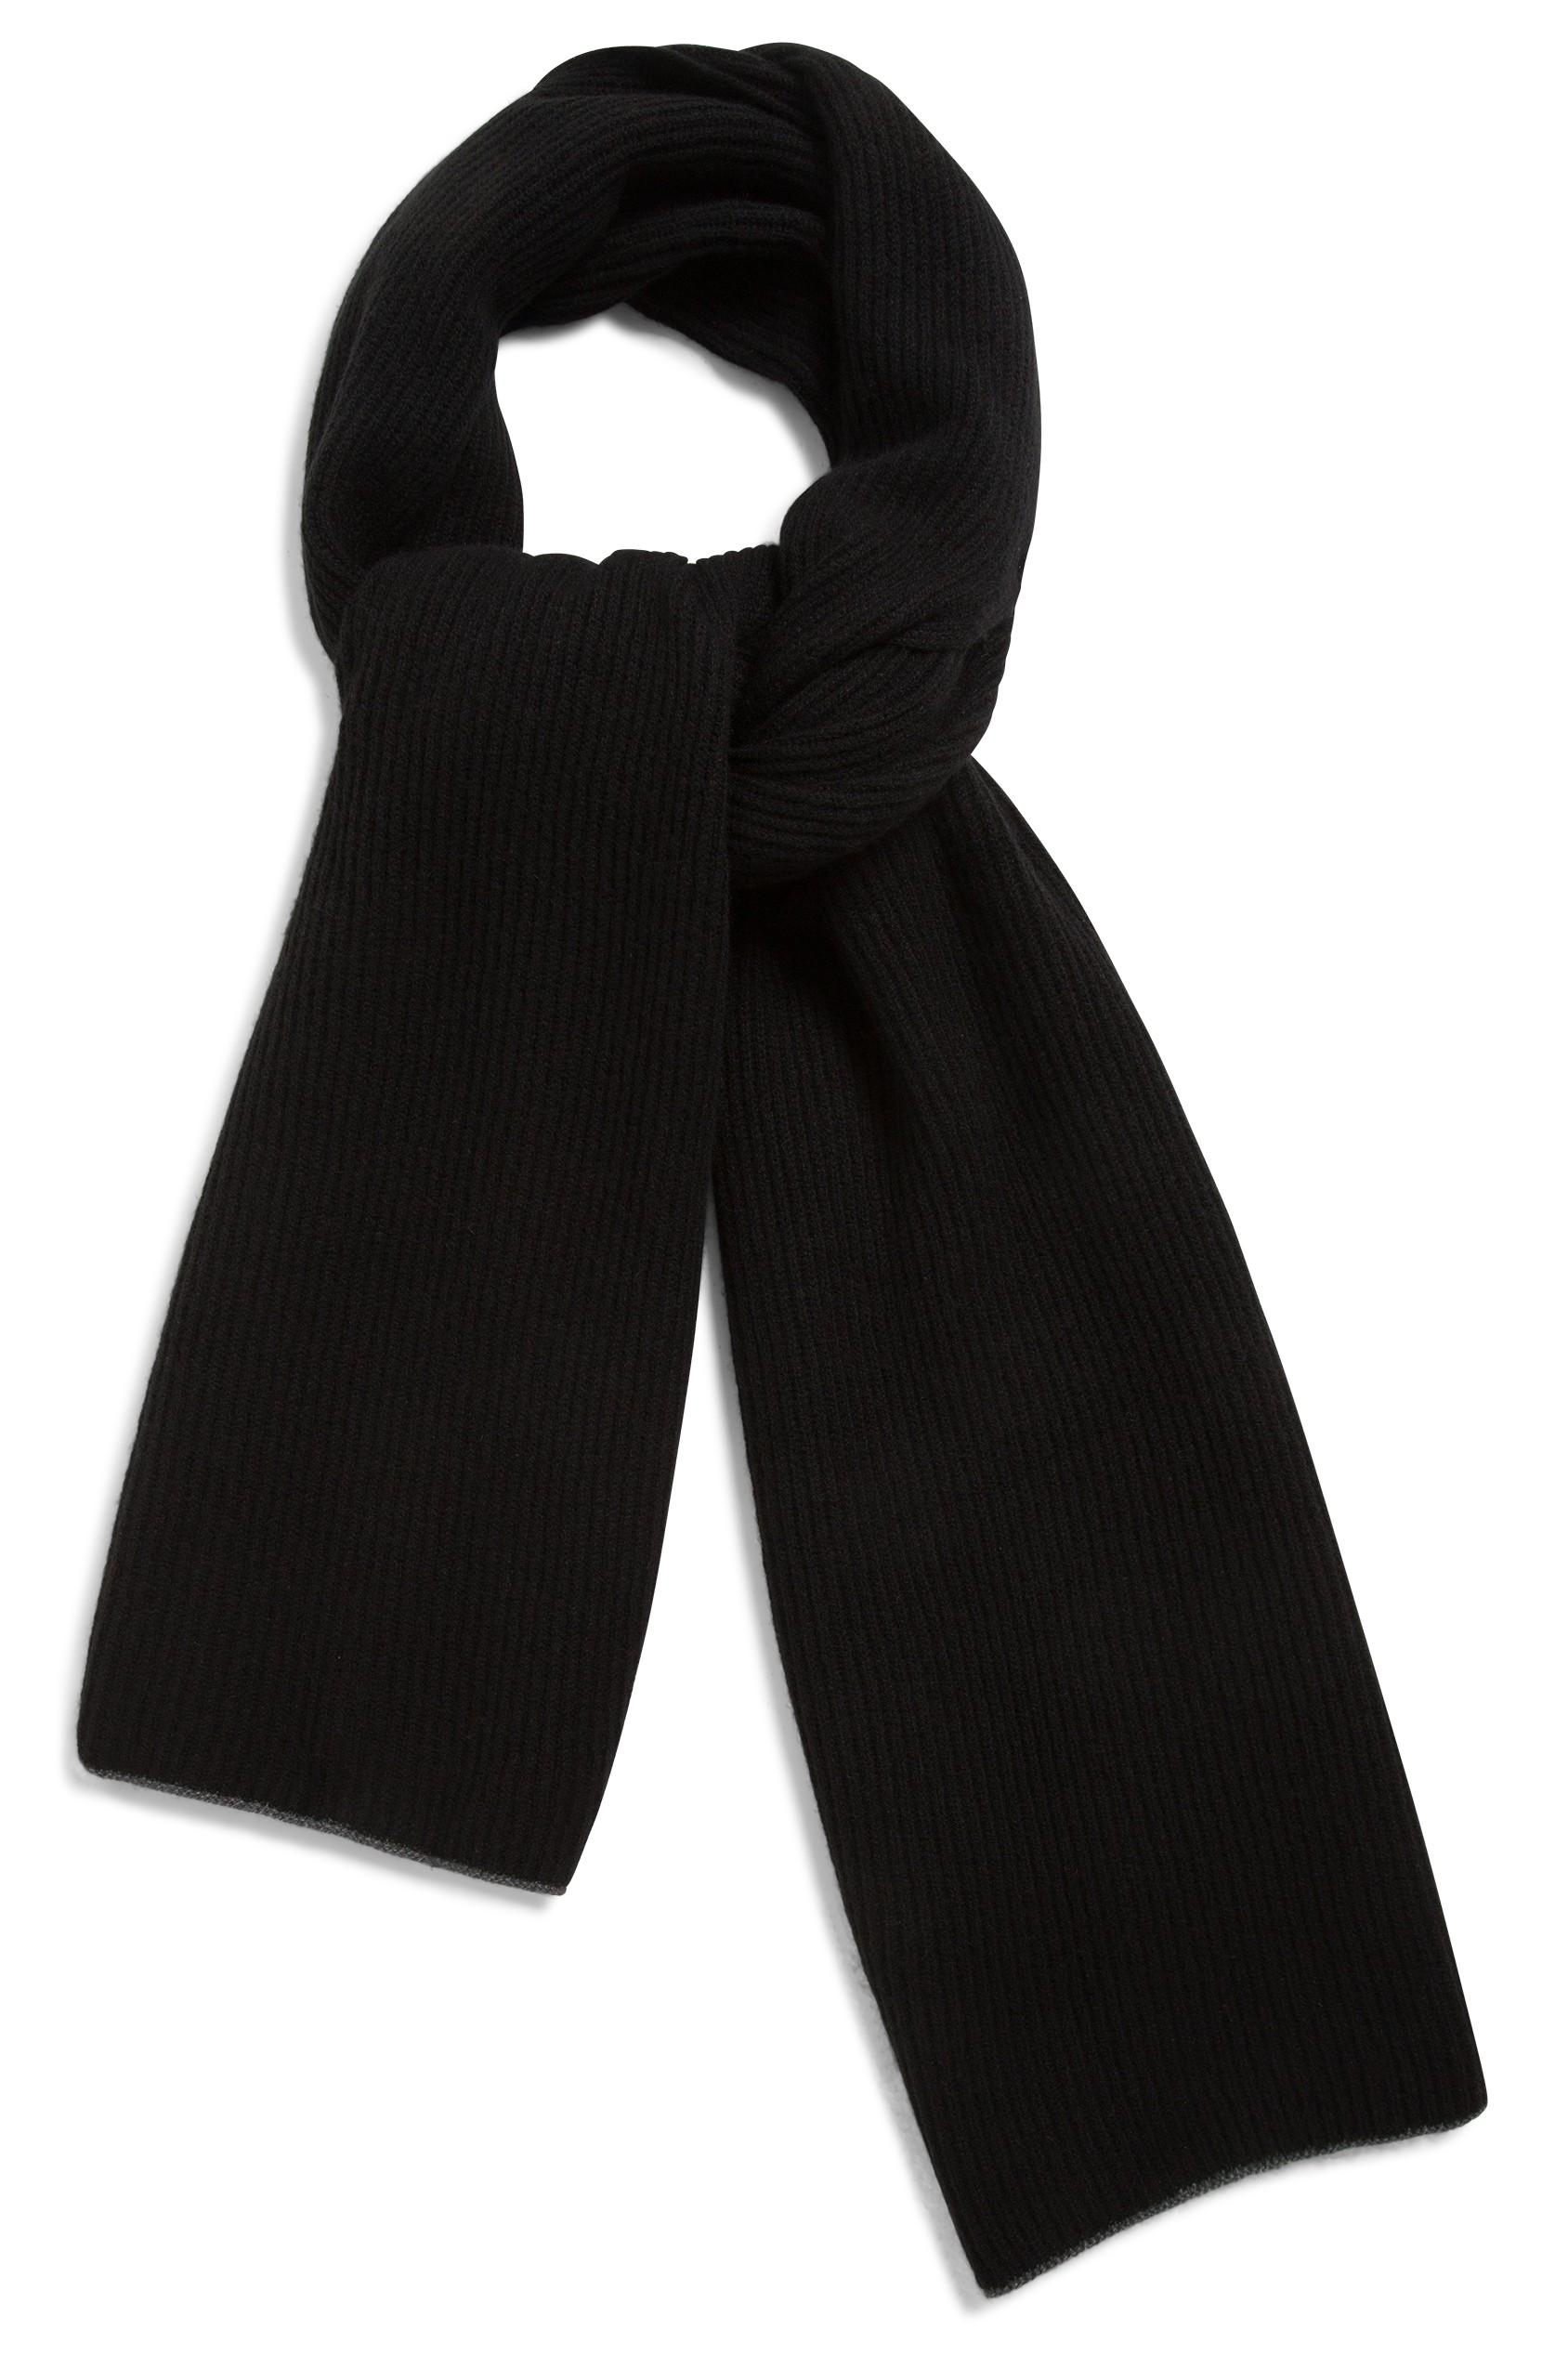 b967e38984 Echarpe cachemire noir -100% cachemire - 2 fis